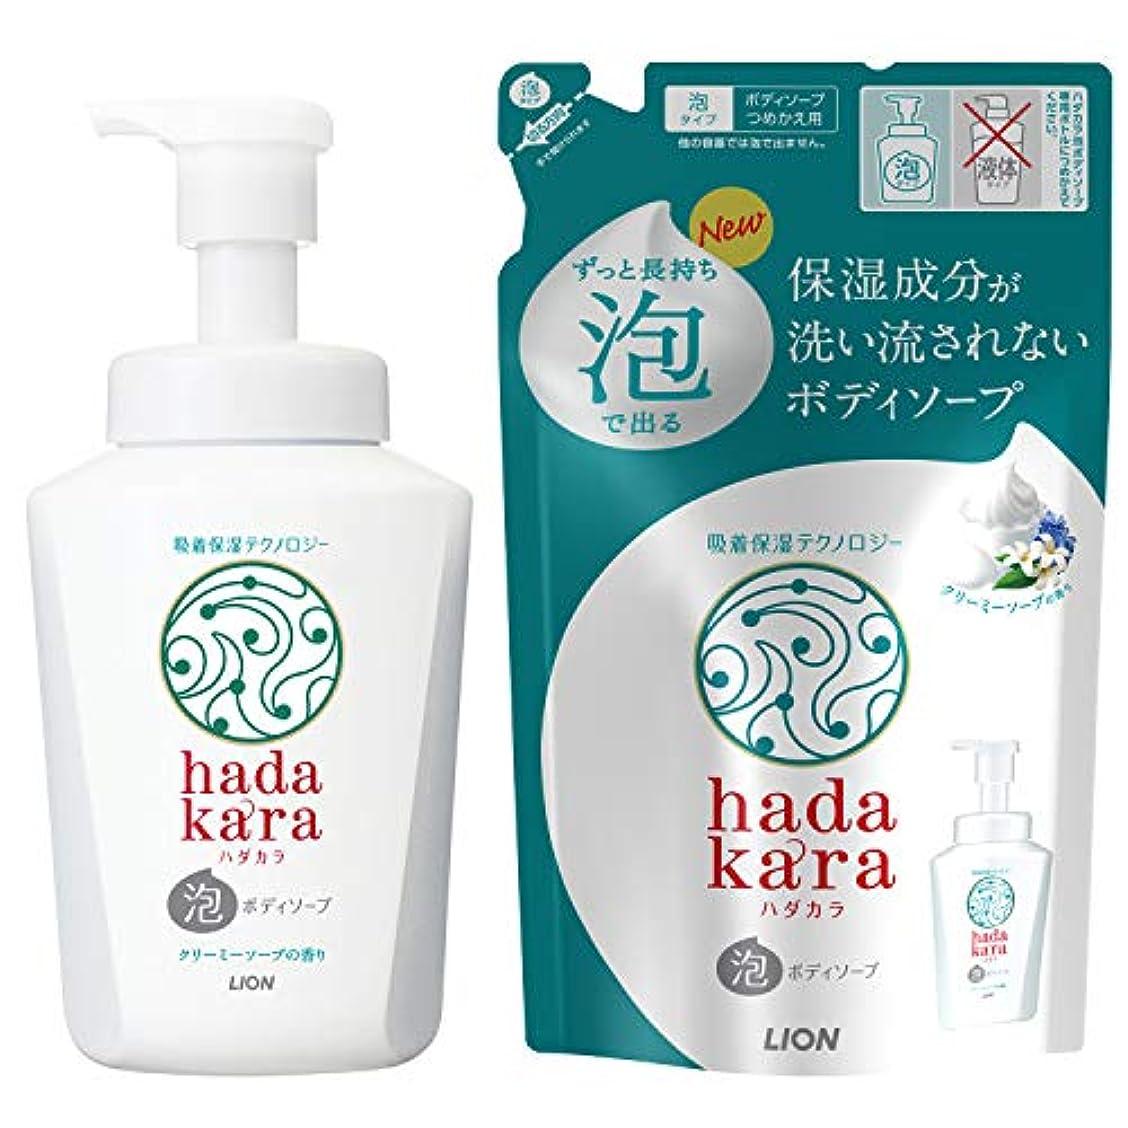 プラカードコールドフレアhadakara(ハダカラ) ボディソープ 泡タイプ クリーミーソープの香り 本体550ml+詰替440ml